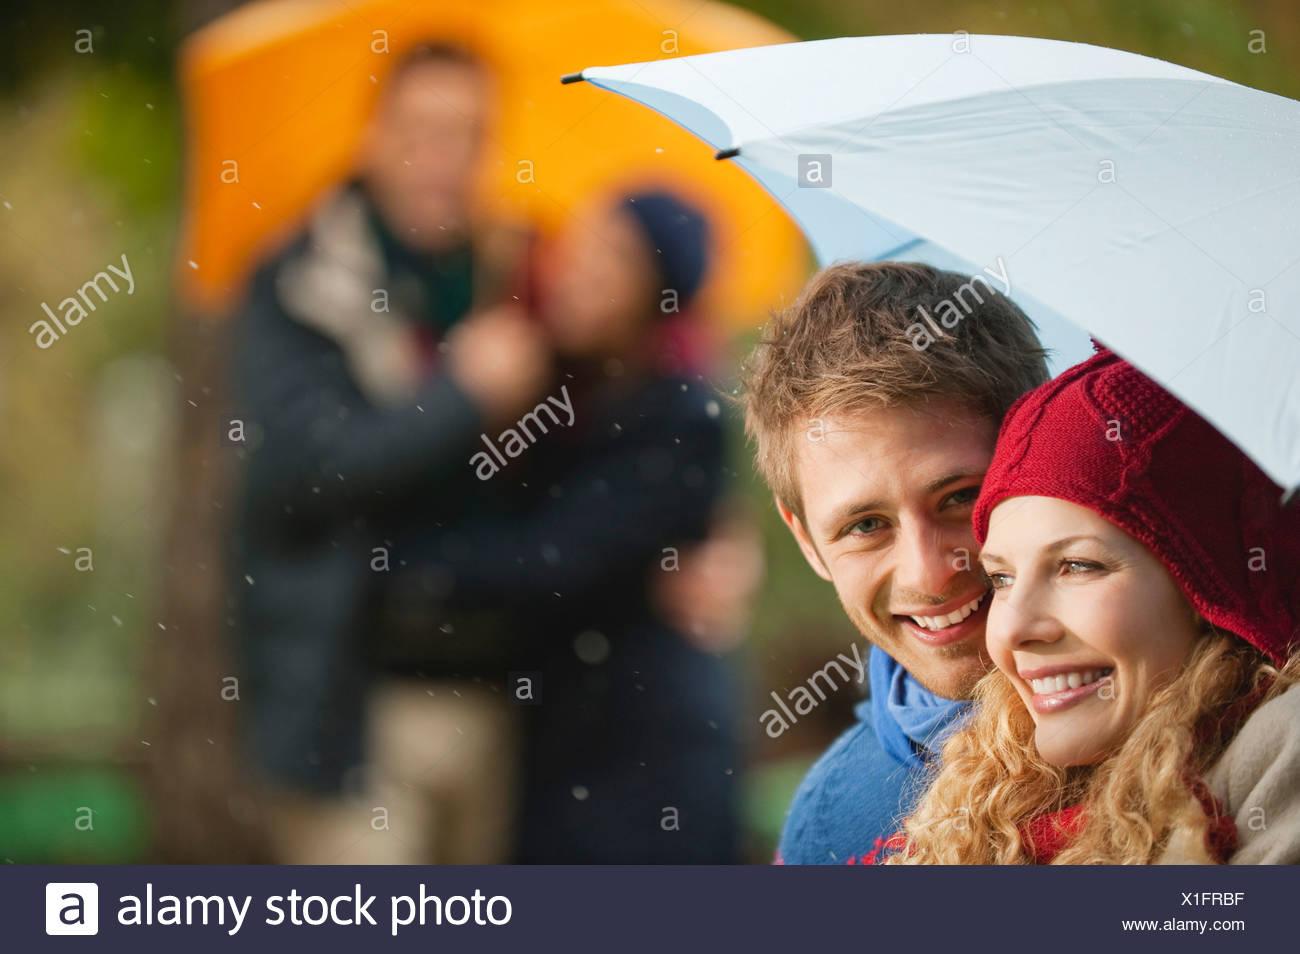 Deutschland, Bayern, englischer Garten, vier Personen im Biergarten, holding, Regenschirm, Lächeln, Porträt, Nahaufnahme Stockbild